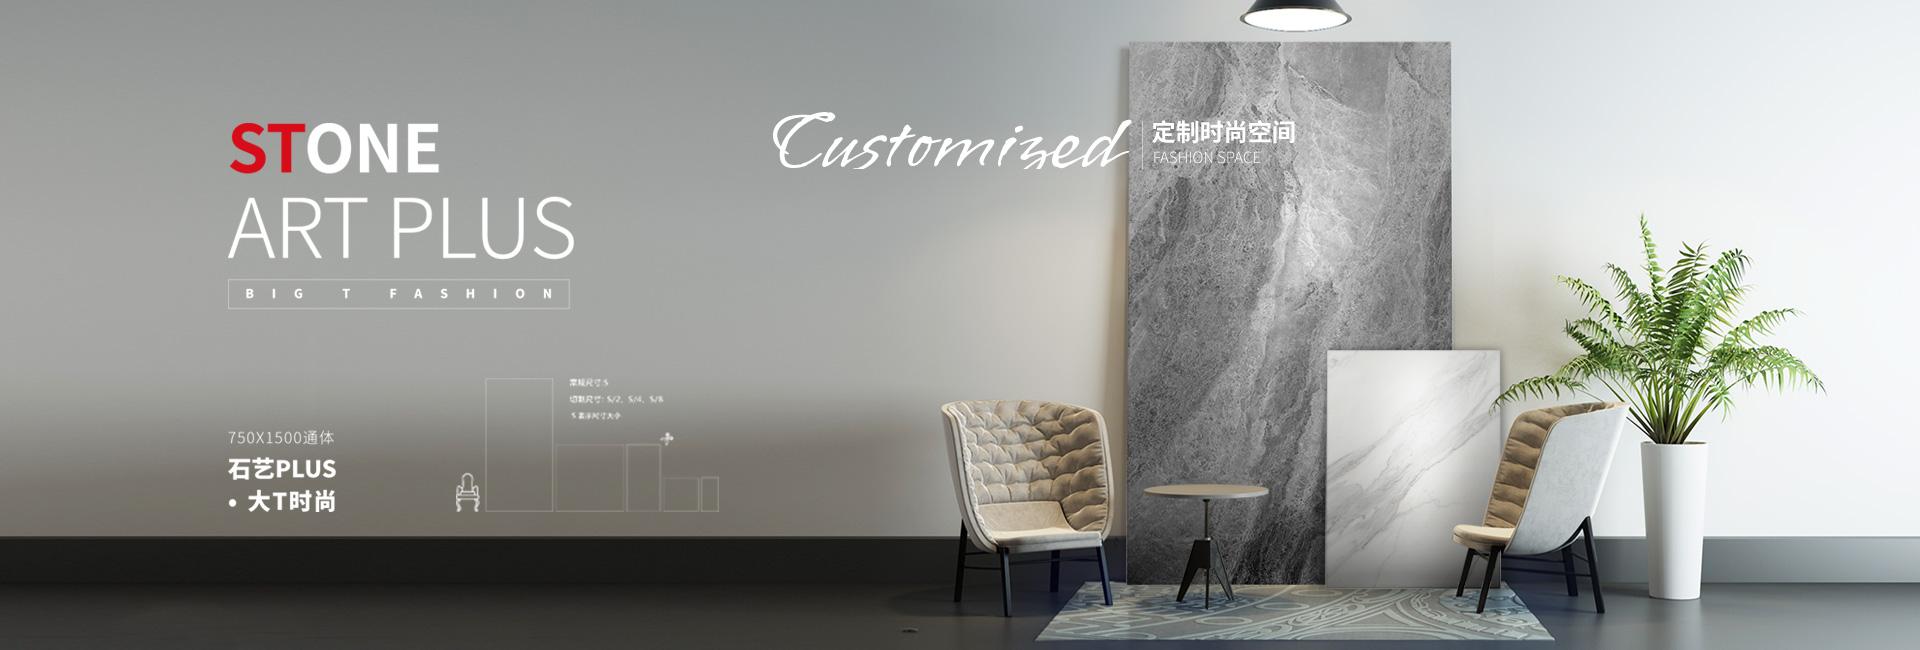 升华陶瓷750x1500mm大板,至IN格调,演绎轻奢居室美学!